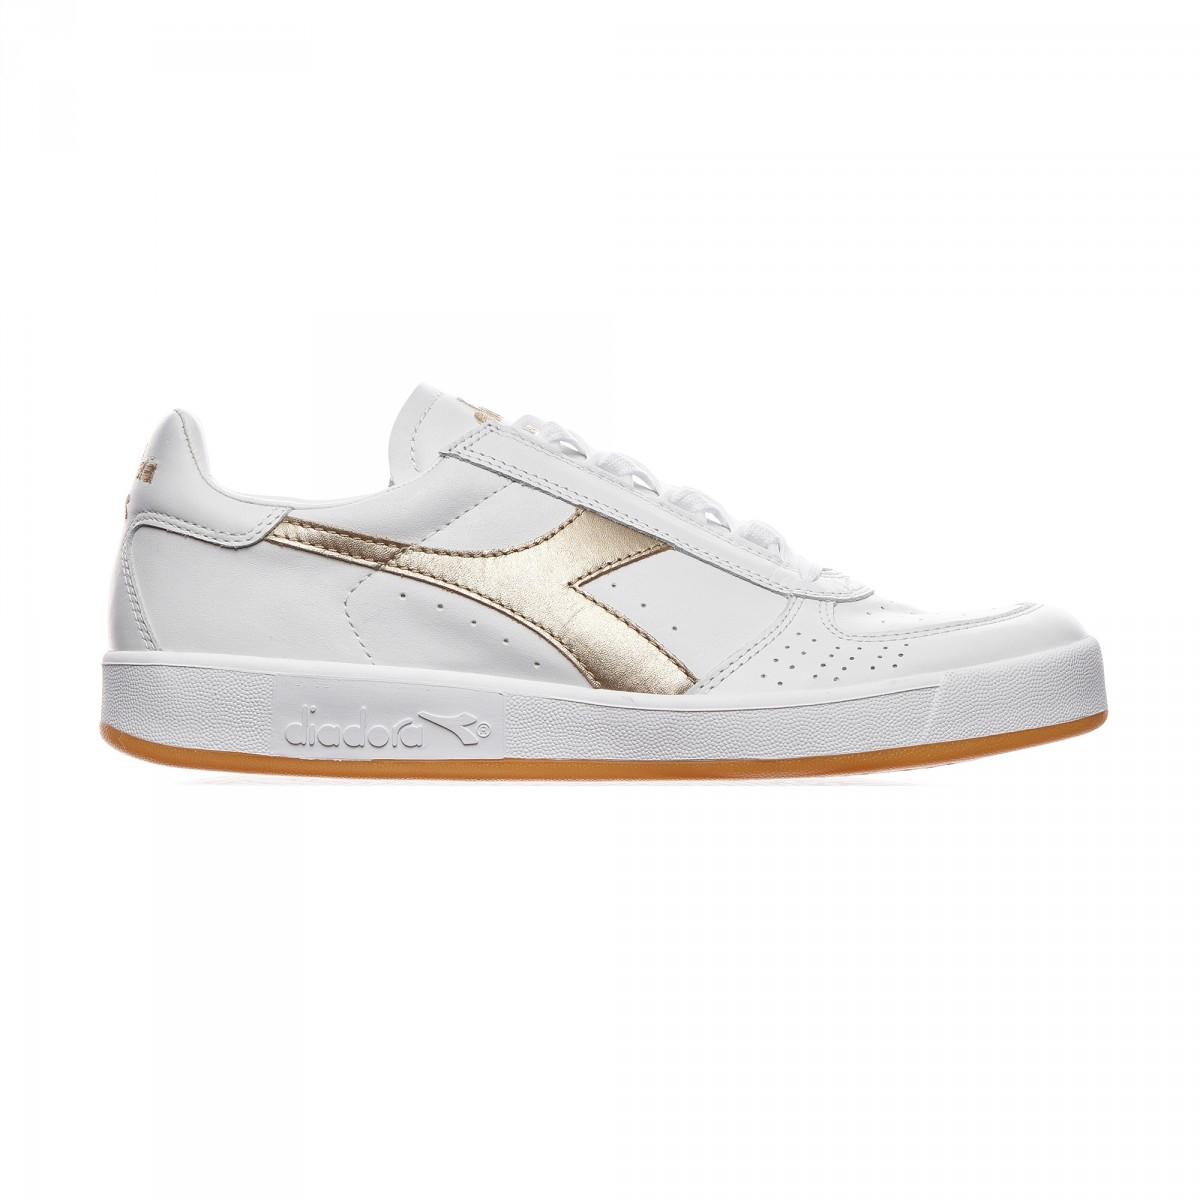 Diadora B. Elite Ita Sneakers in White